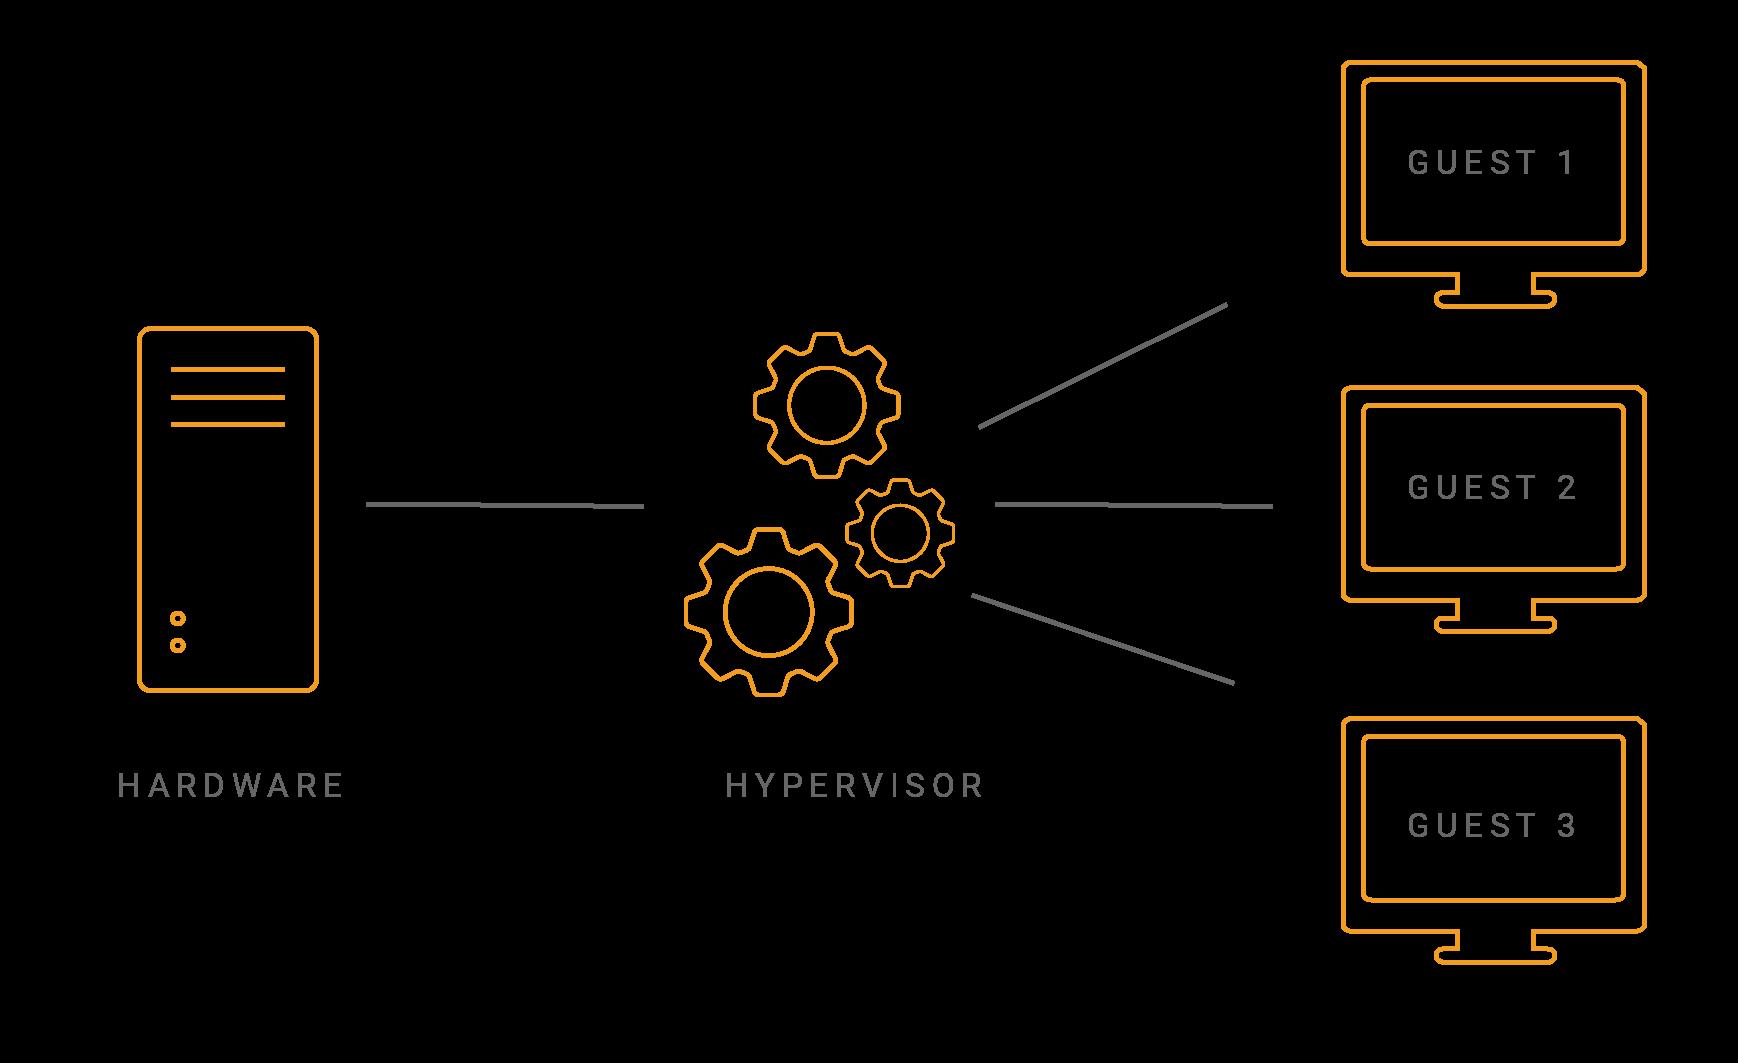 Hypervisor Infographic